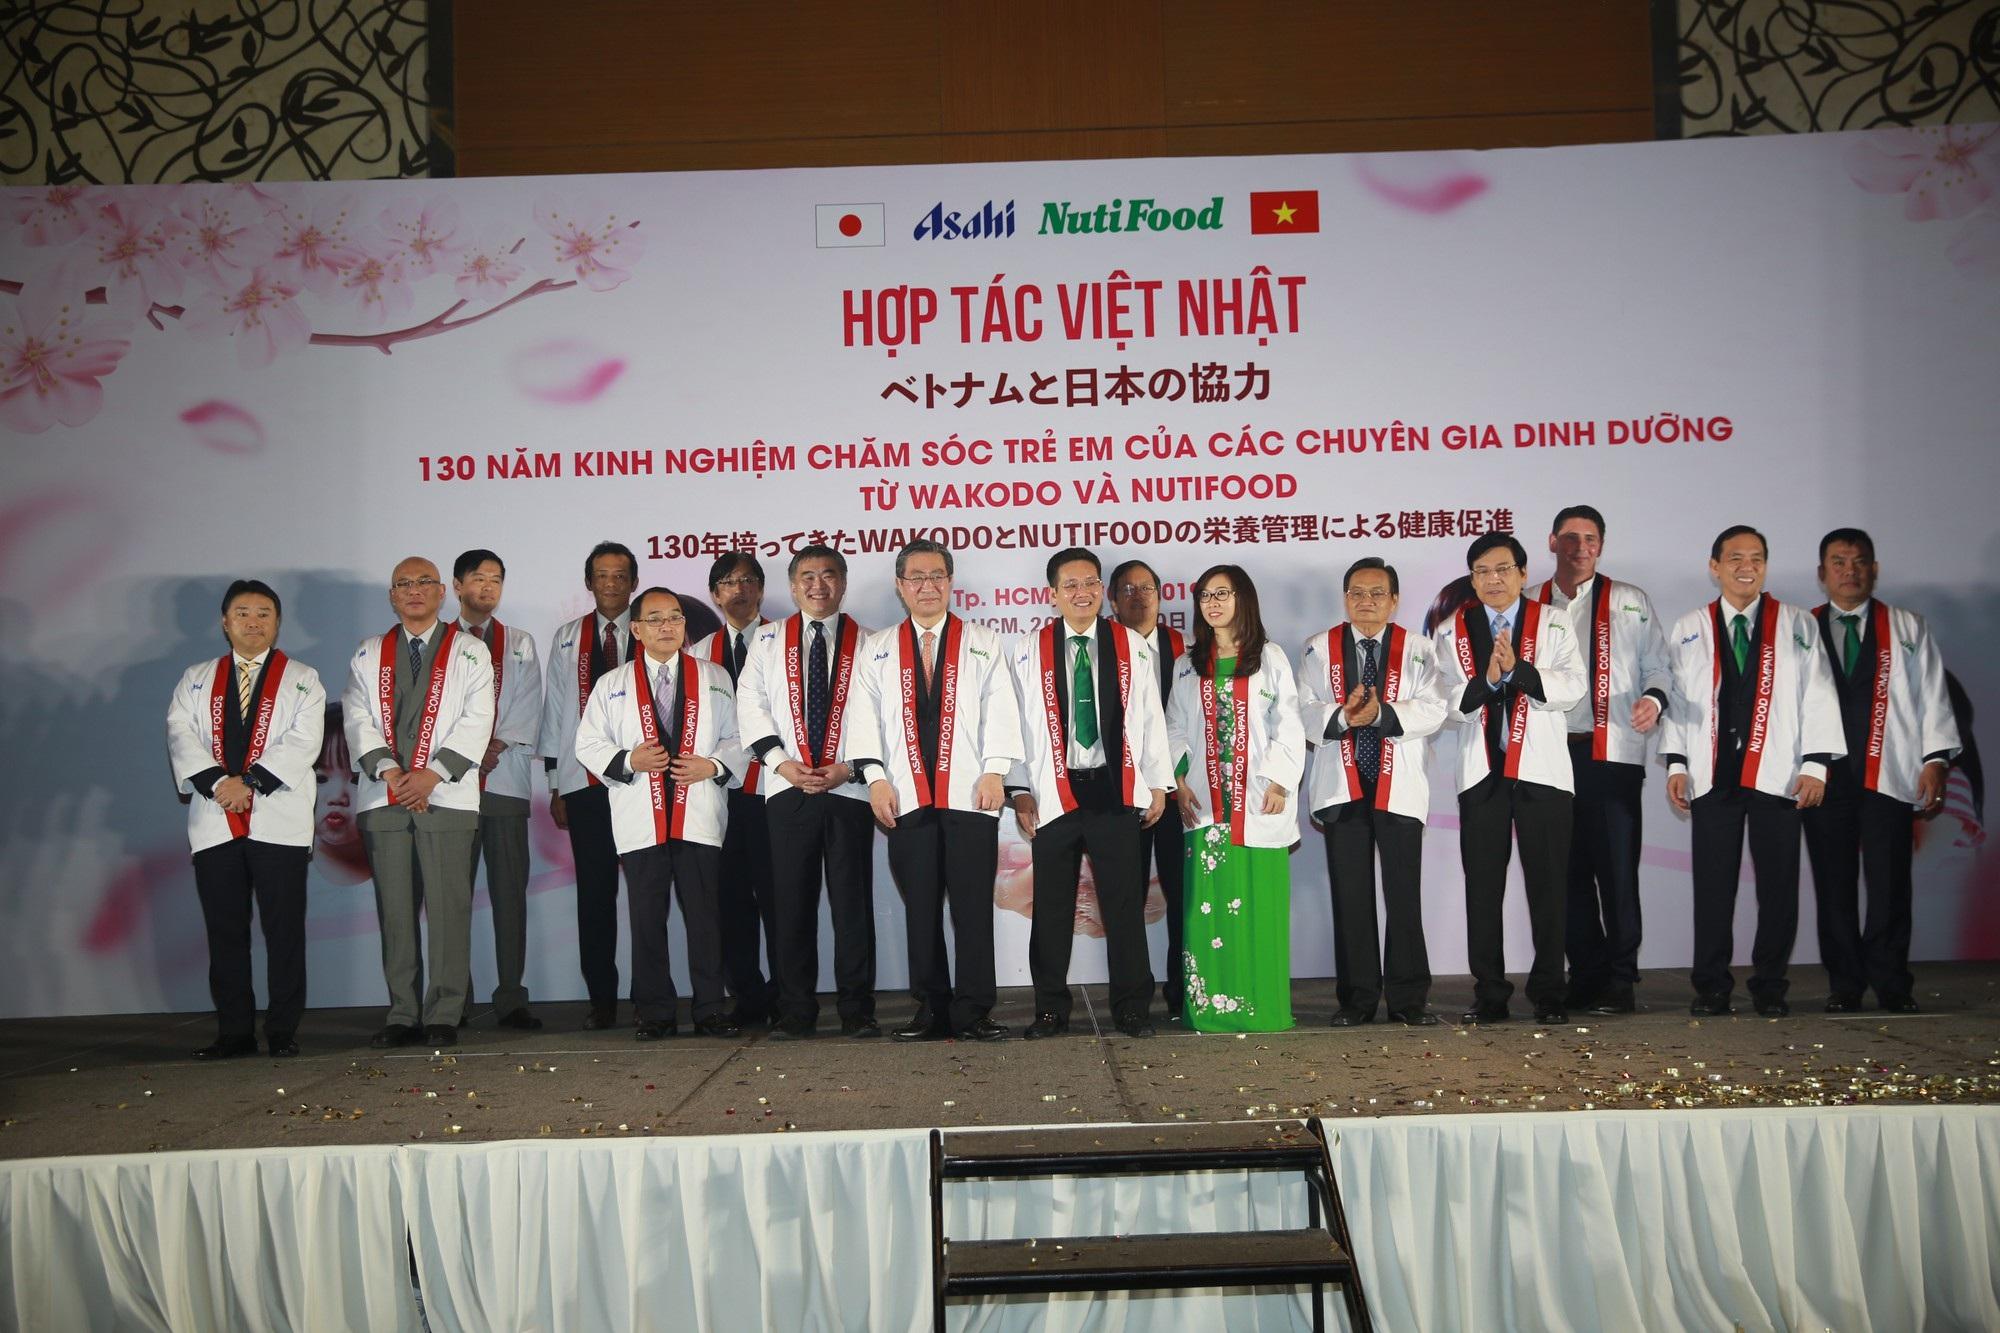 Trẻ em Việt Nam có cơ hội sử dụng sản phẩm dinh dưỡng hàng đầu Nhật Bản - Ảnh 5.